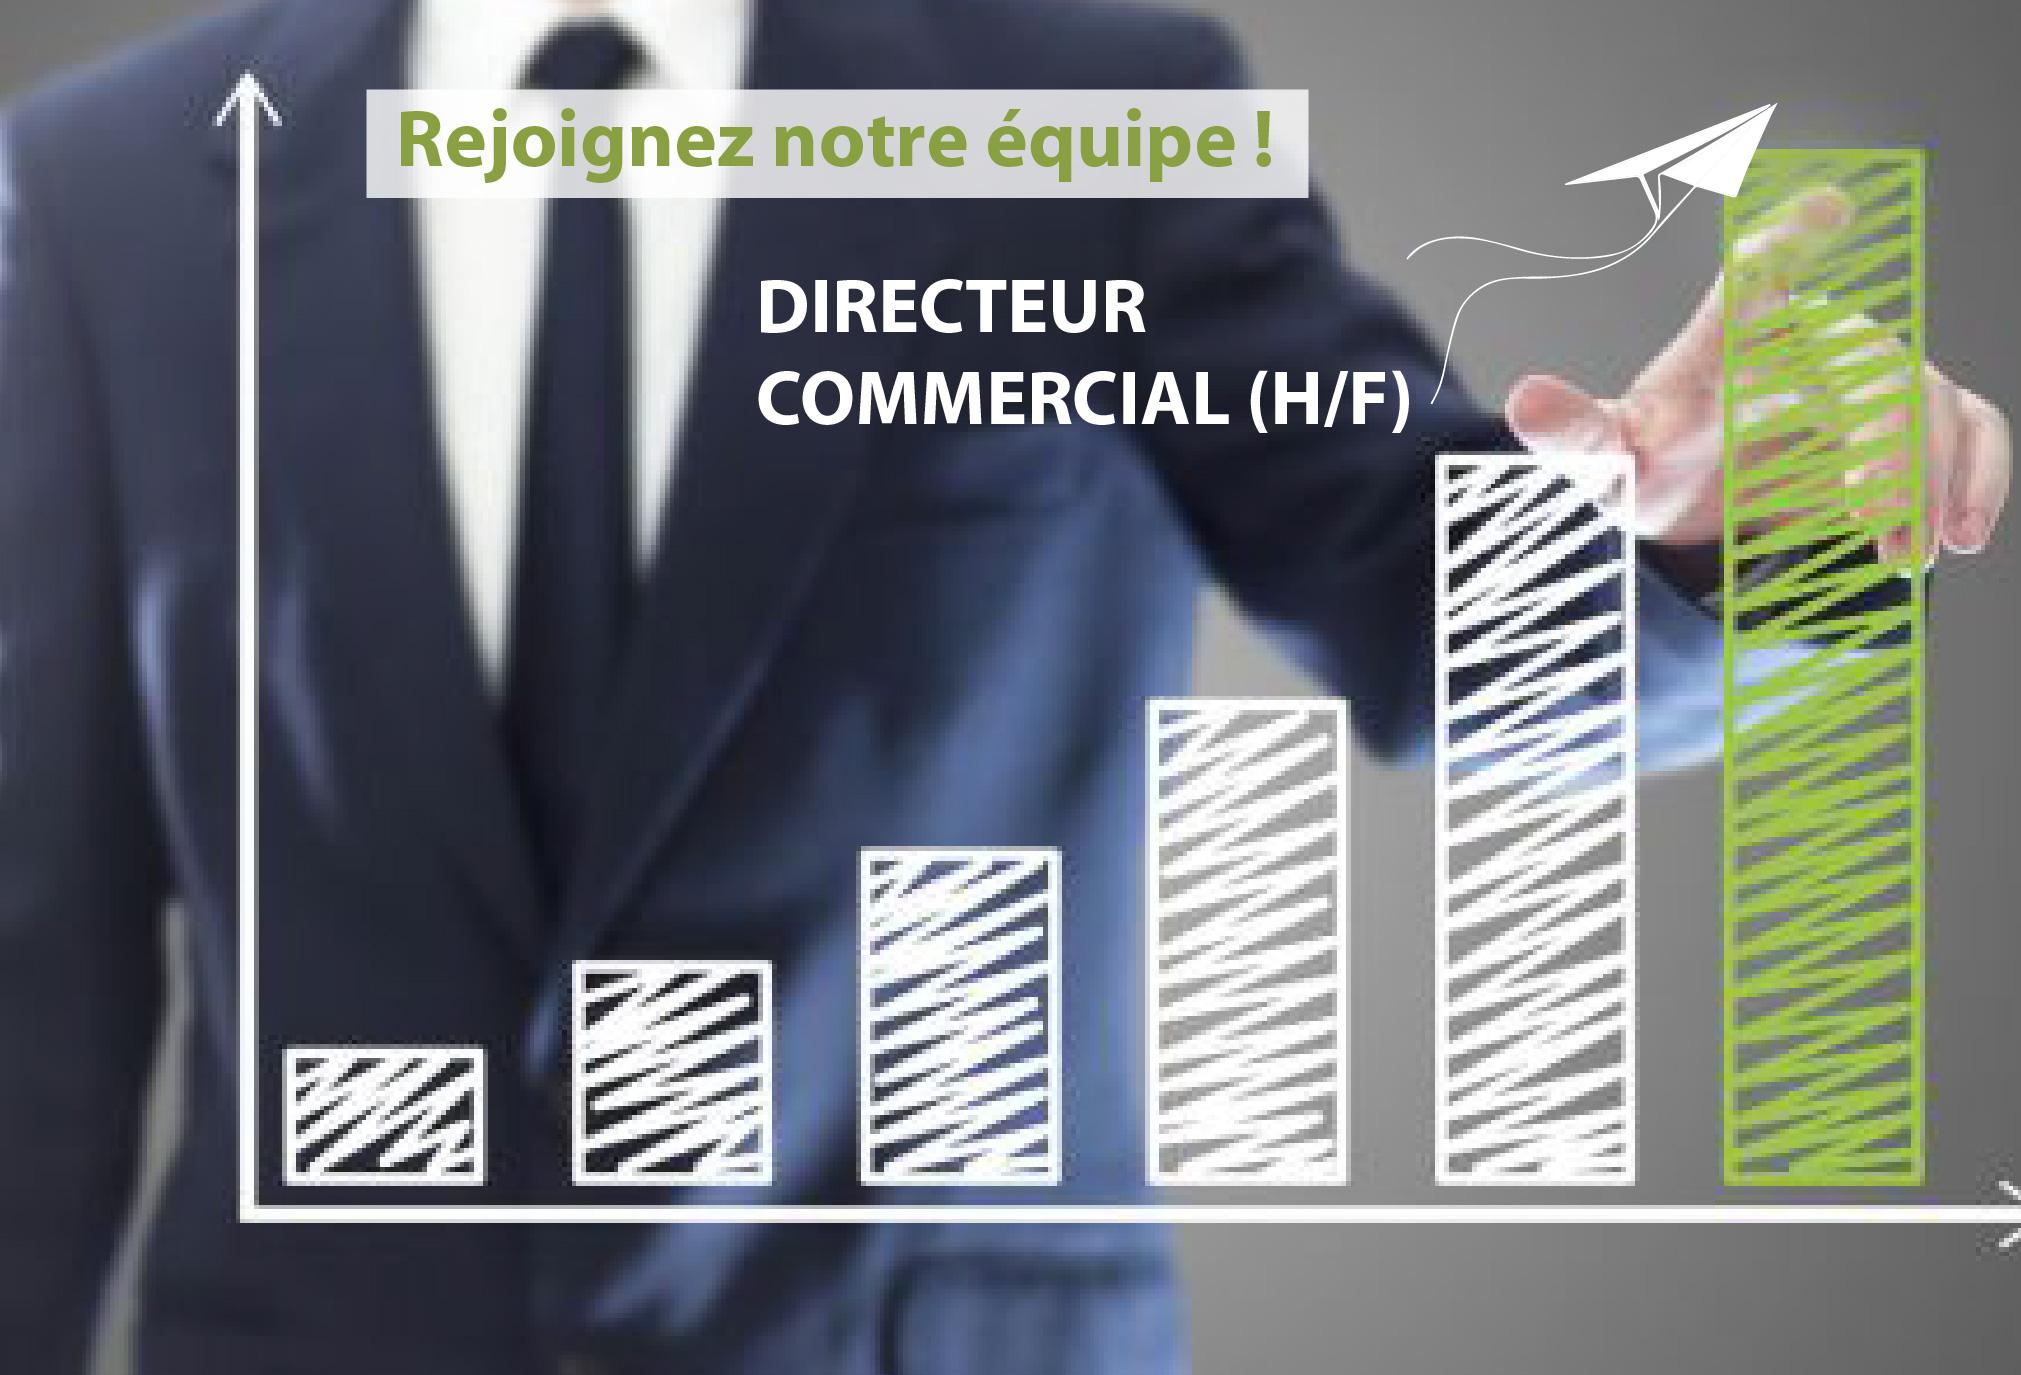 DIRECTEUR COMMERCIAL (H/F)